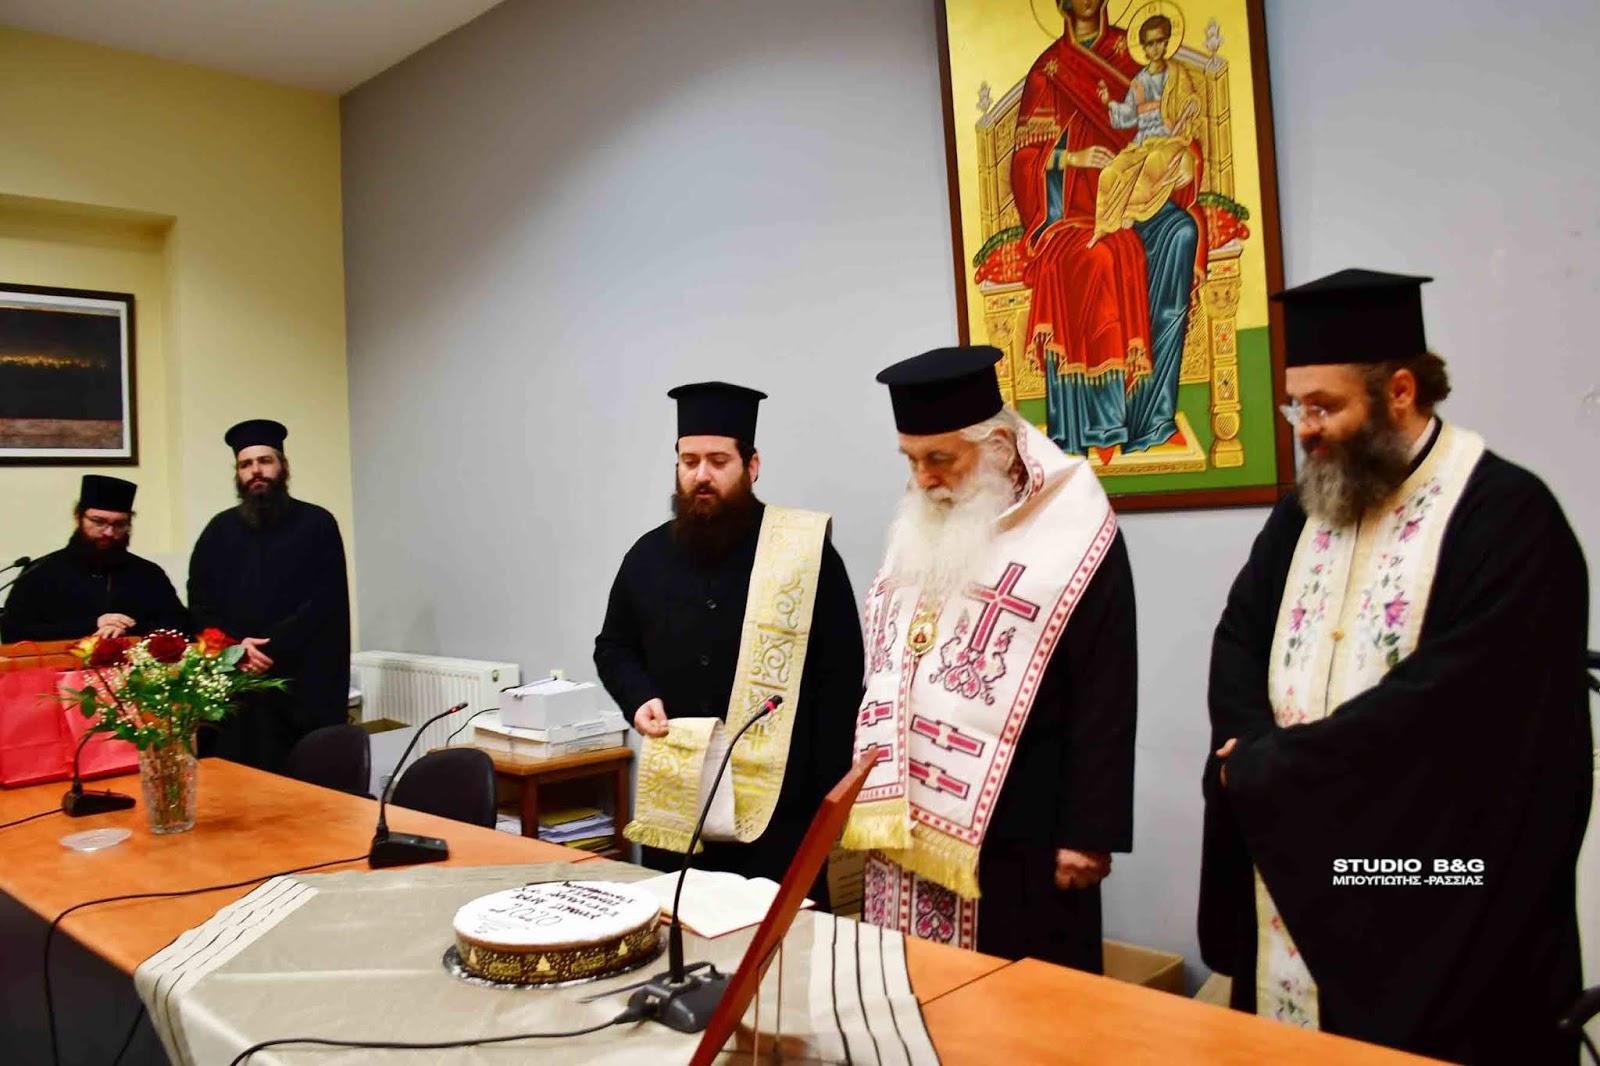 Κοπή πίτας του Ραδιοφωνικού Σταθμού της Ιεράς Μητροπόλεως Αργολίδος